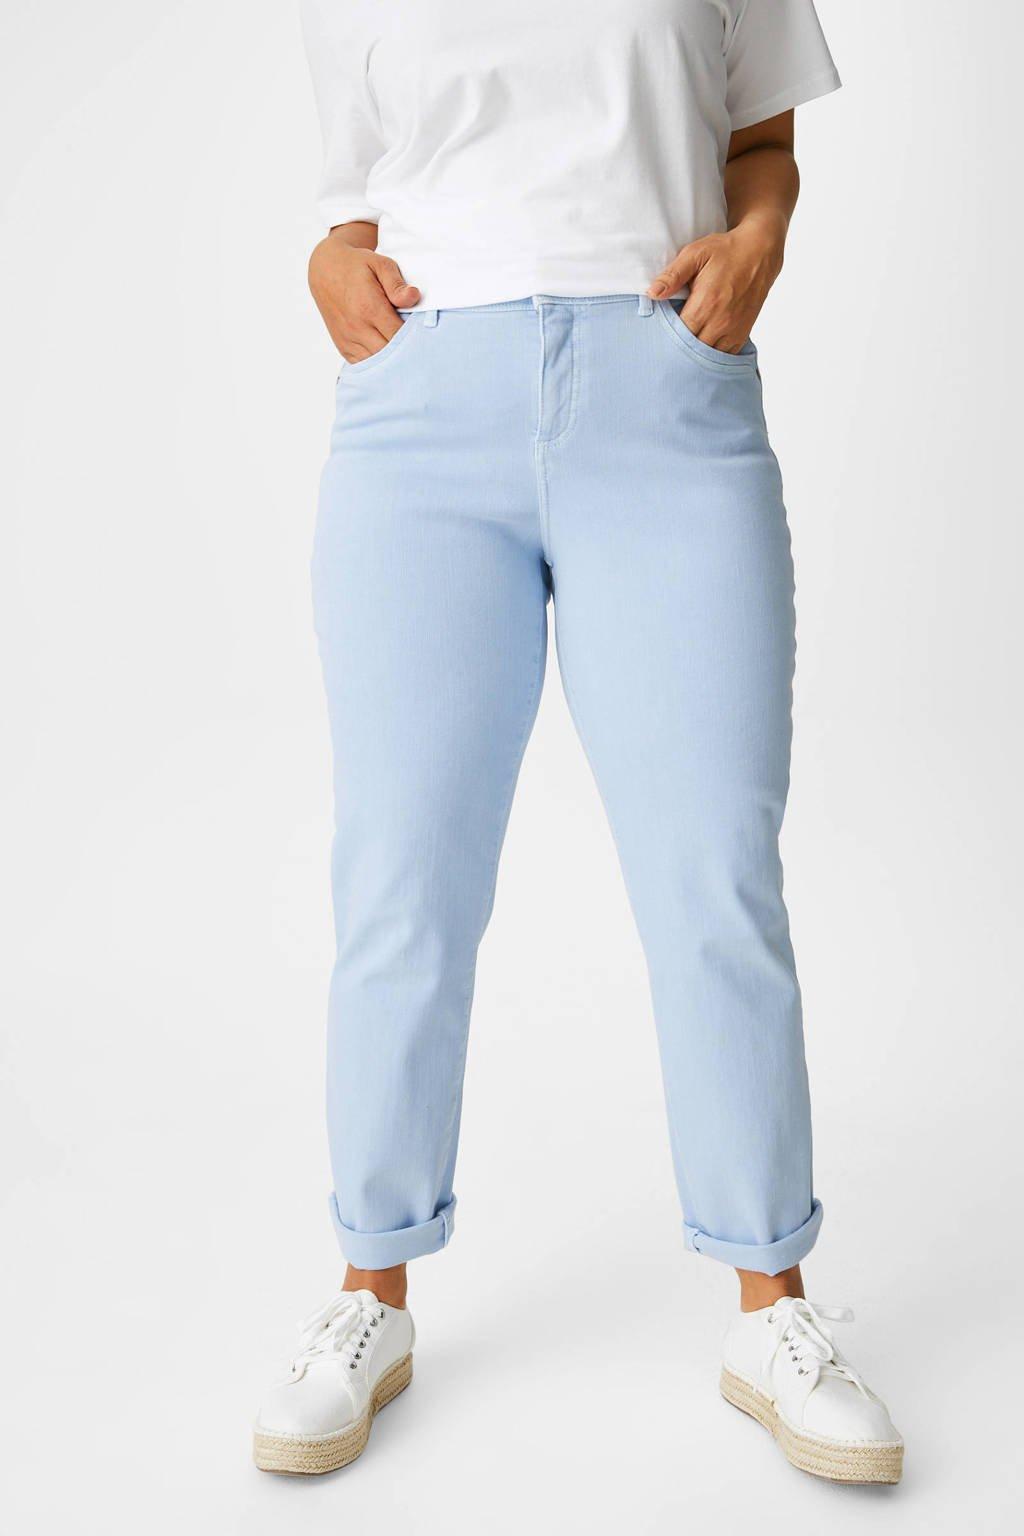 C&A XL Yessica slim fit jeans lichtblauw, Lichtblauw